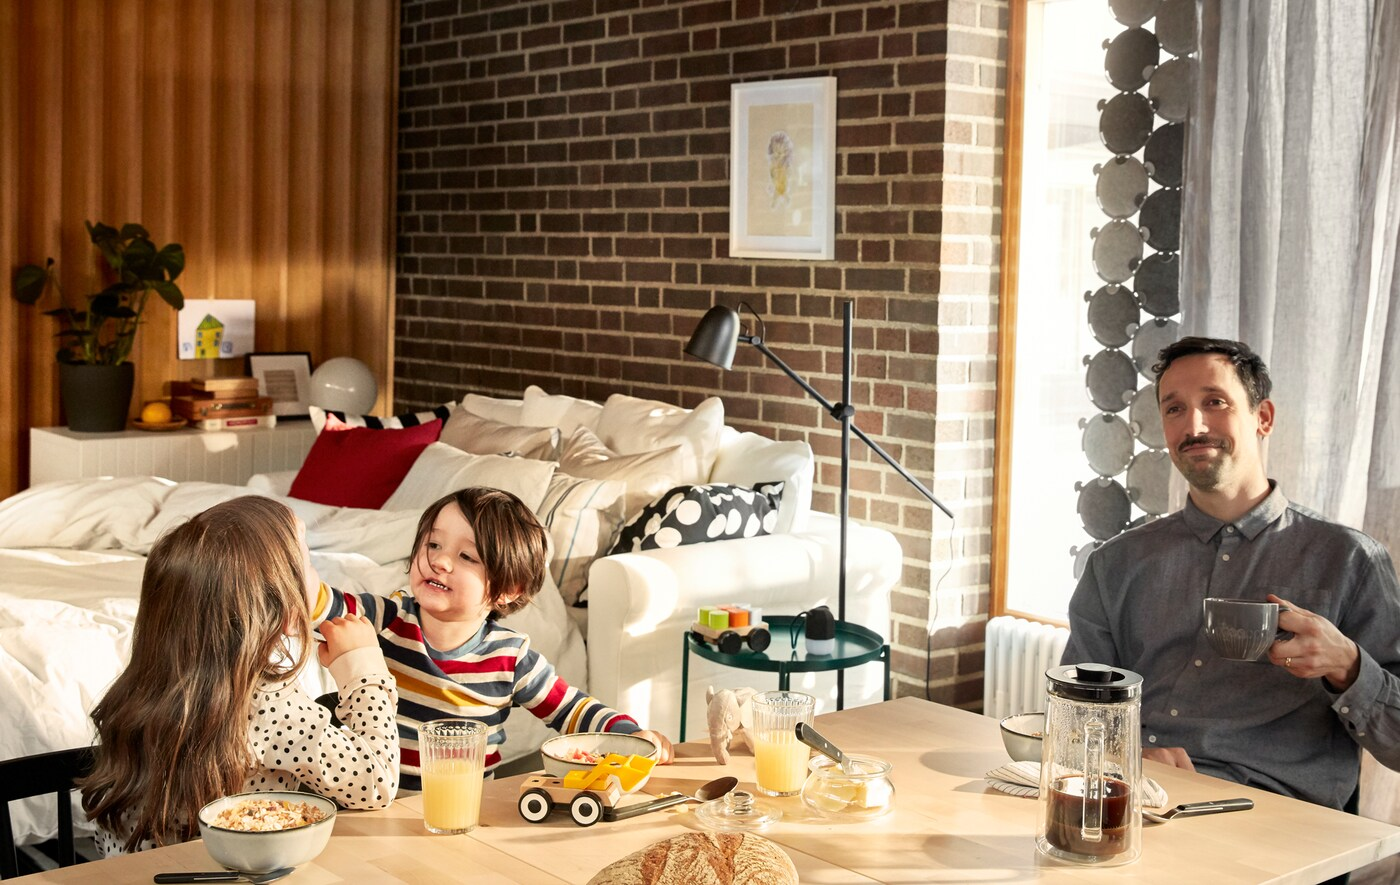 Un padre si siede serenamente al tavolo della colazione a bere il caffè mentre i suoi due figli giocano con il cibo accanto a lui.